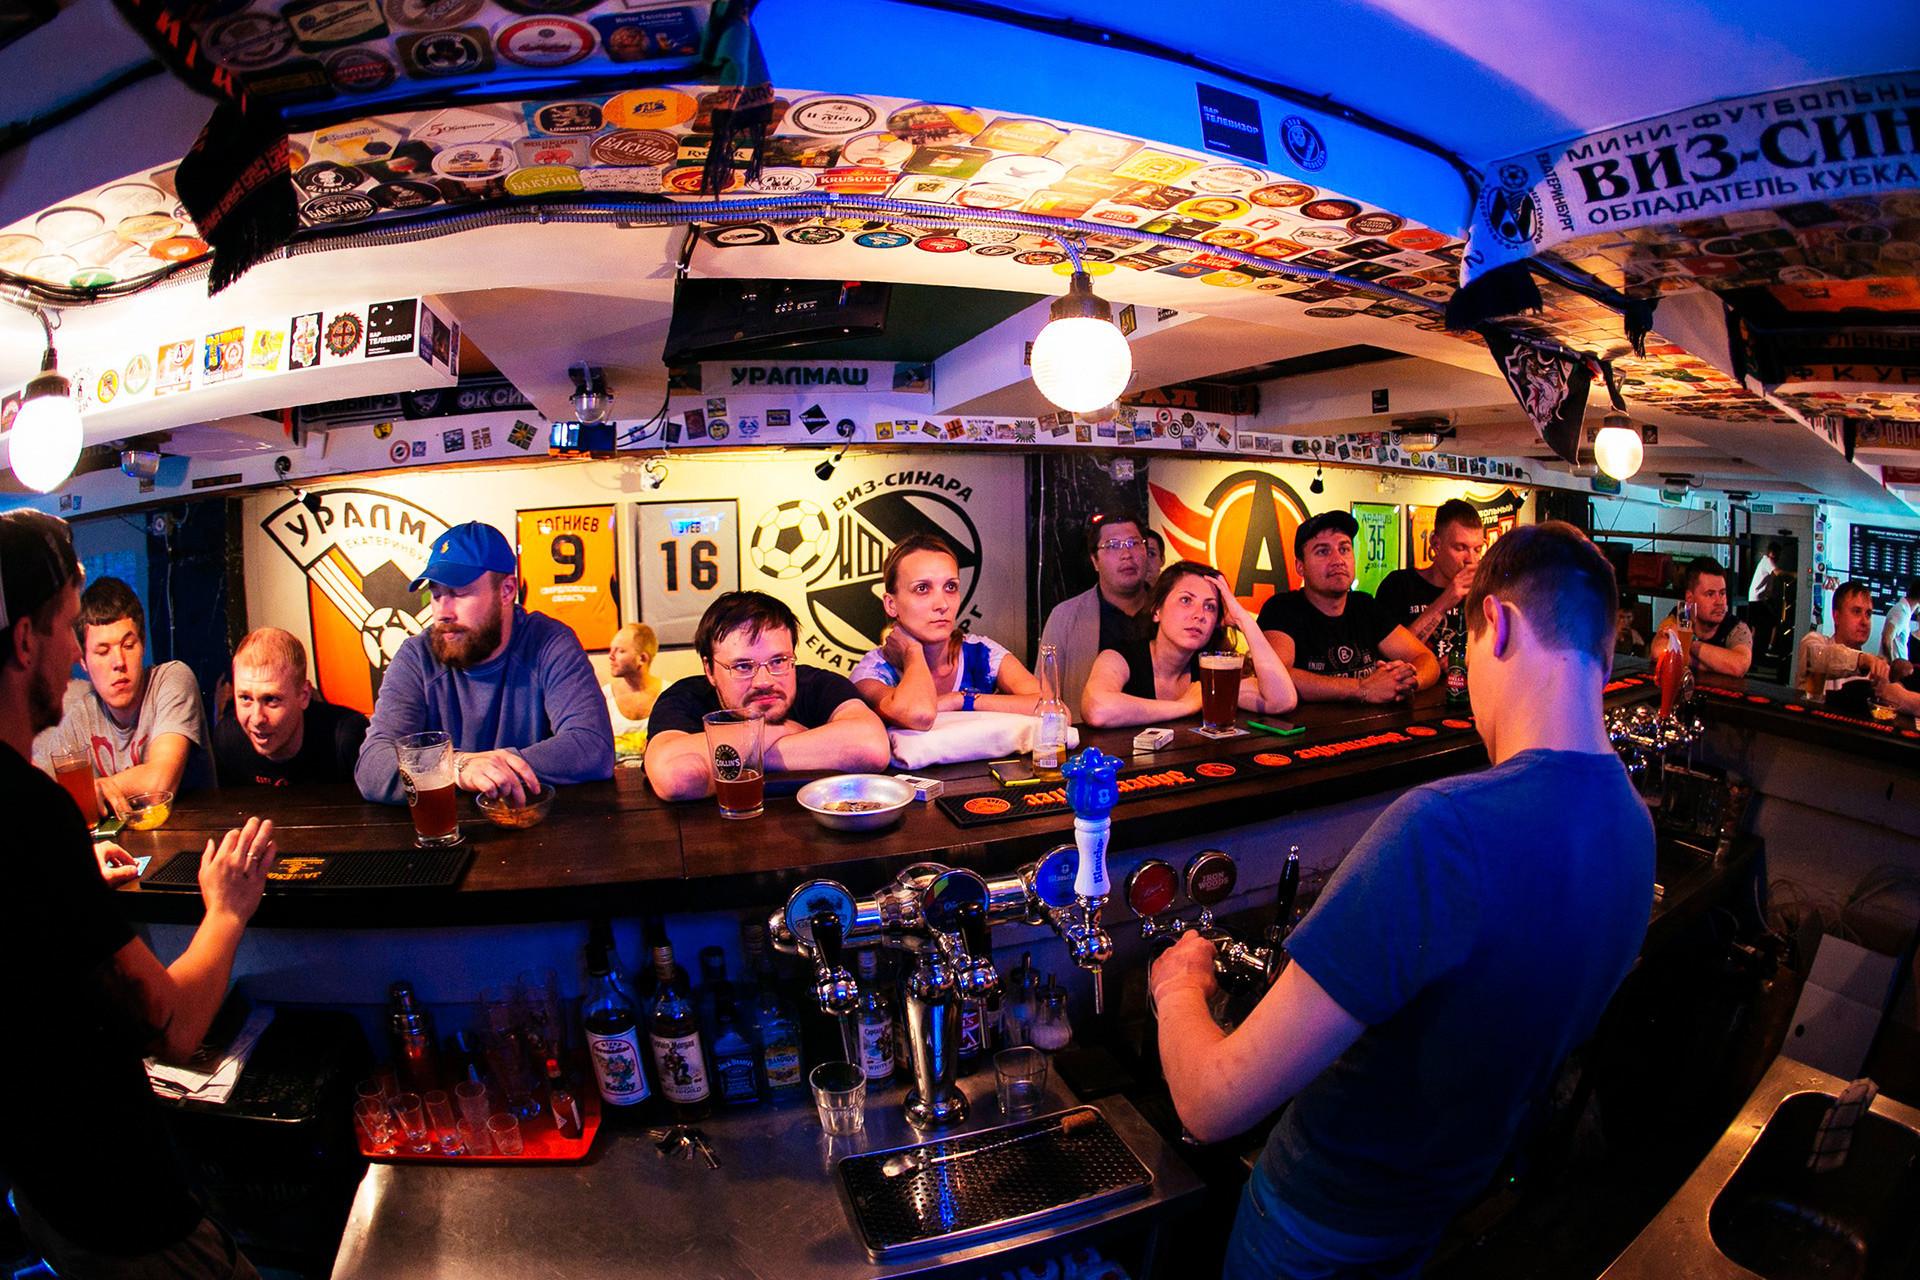 Televizor Bar, Ekaterinburg.